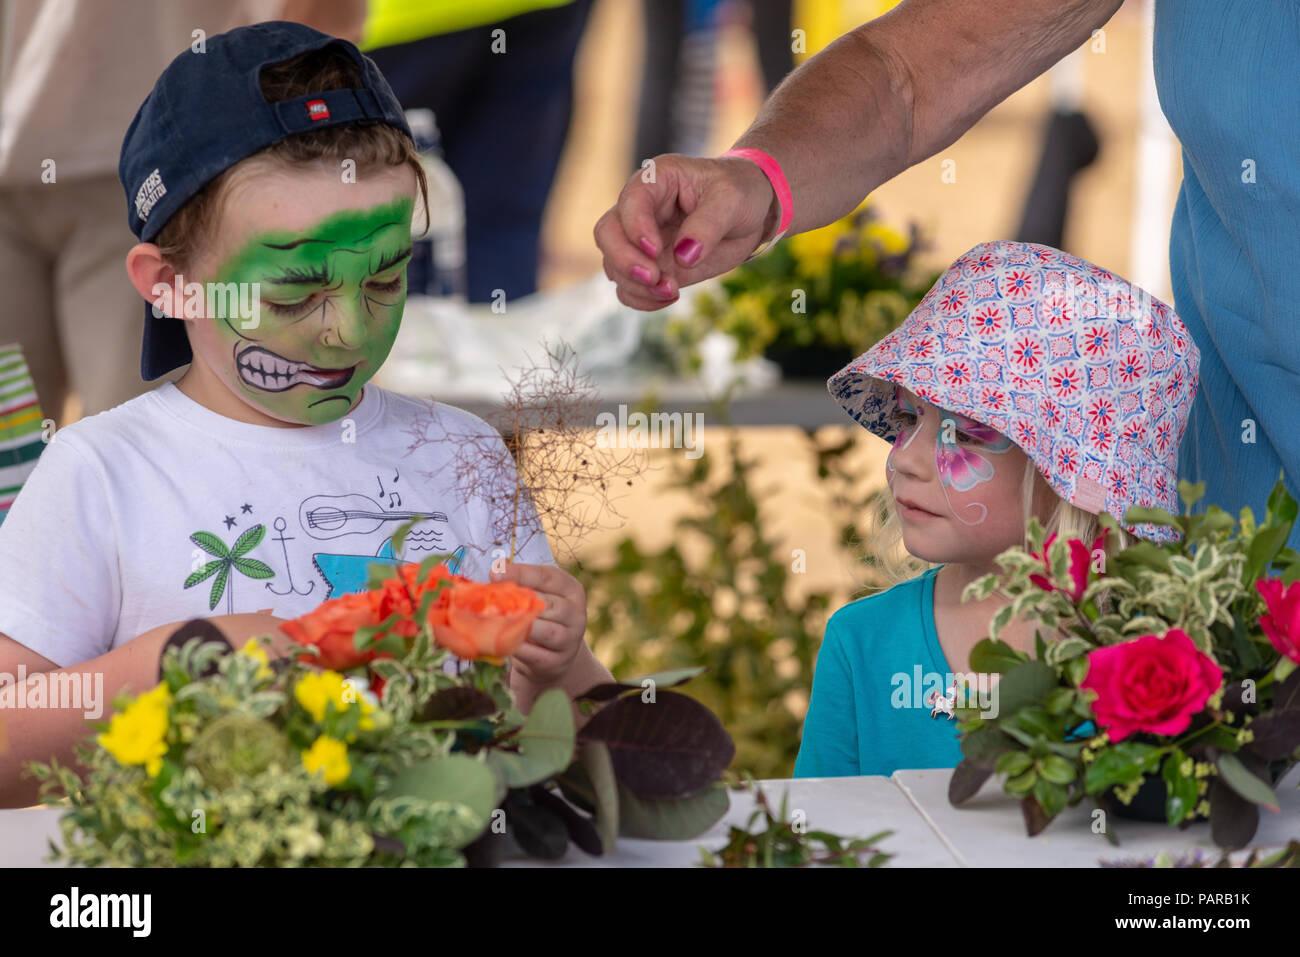 Los Niños Con Sus Caras Pintadas Arreglos Florales En Un